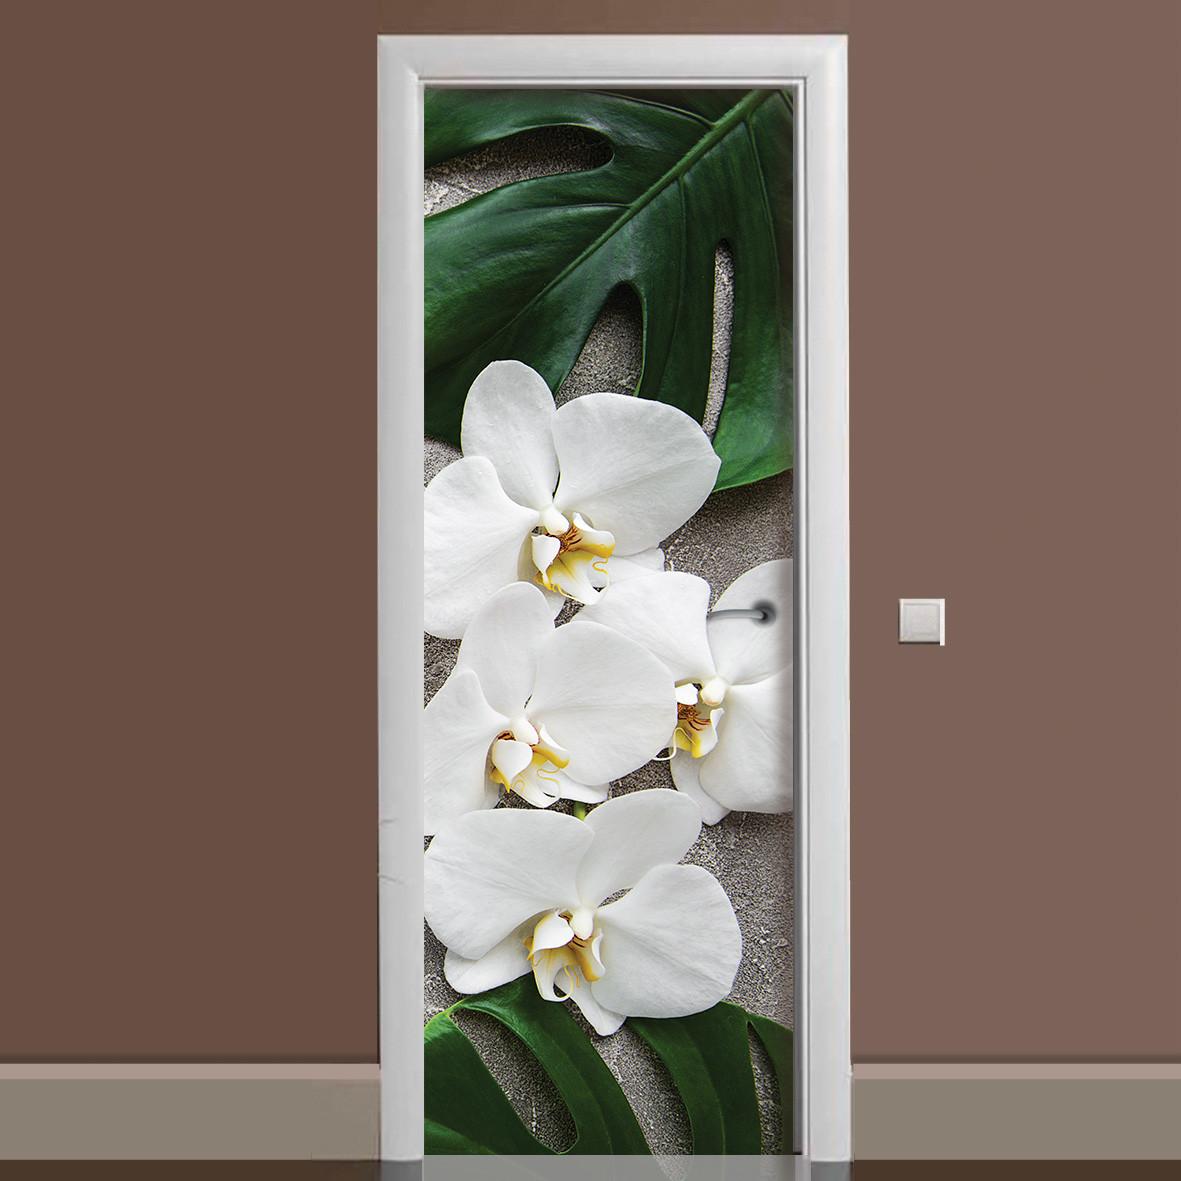 Виниловая наклейка на дверь Орхидея Монстера ламинированная двойная пленка фотопечать цветы белые